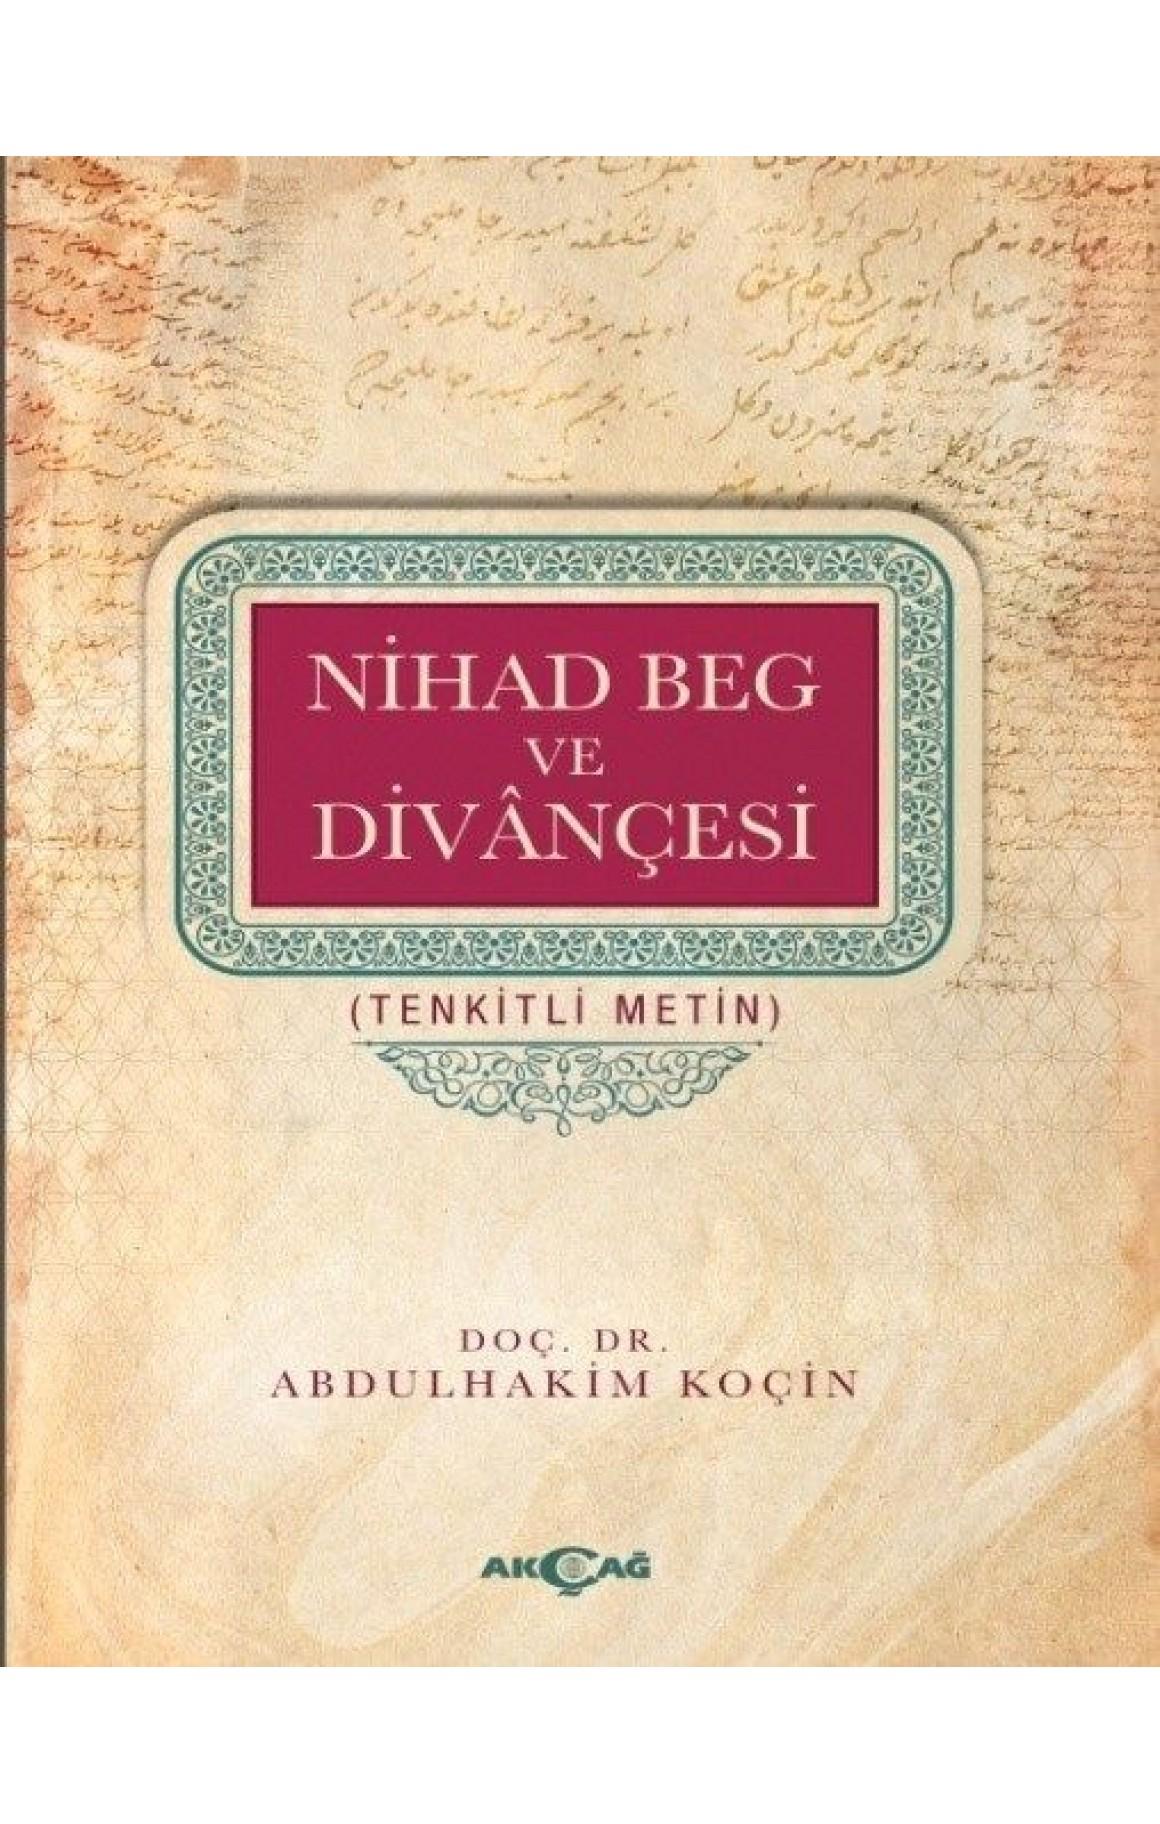 Nihad Beg ve Divançesi